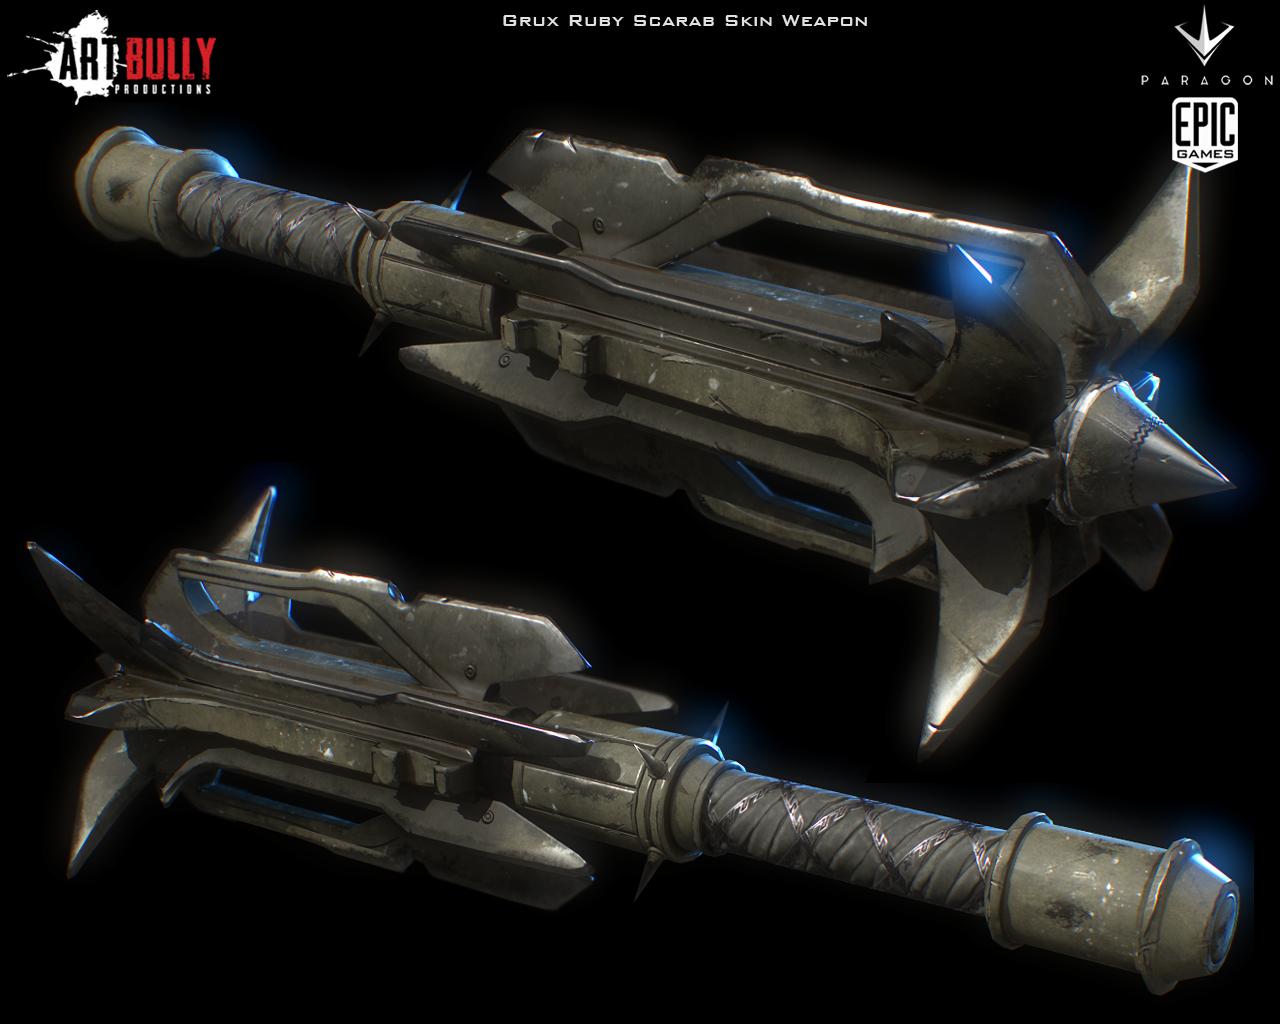 Grux_Ruby_Scarab_Skin_Weapon_Render_00.jpg